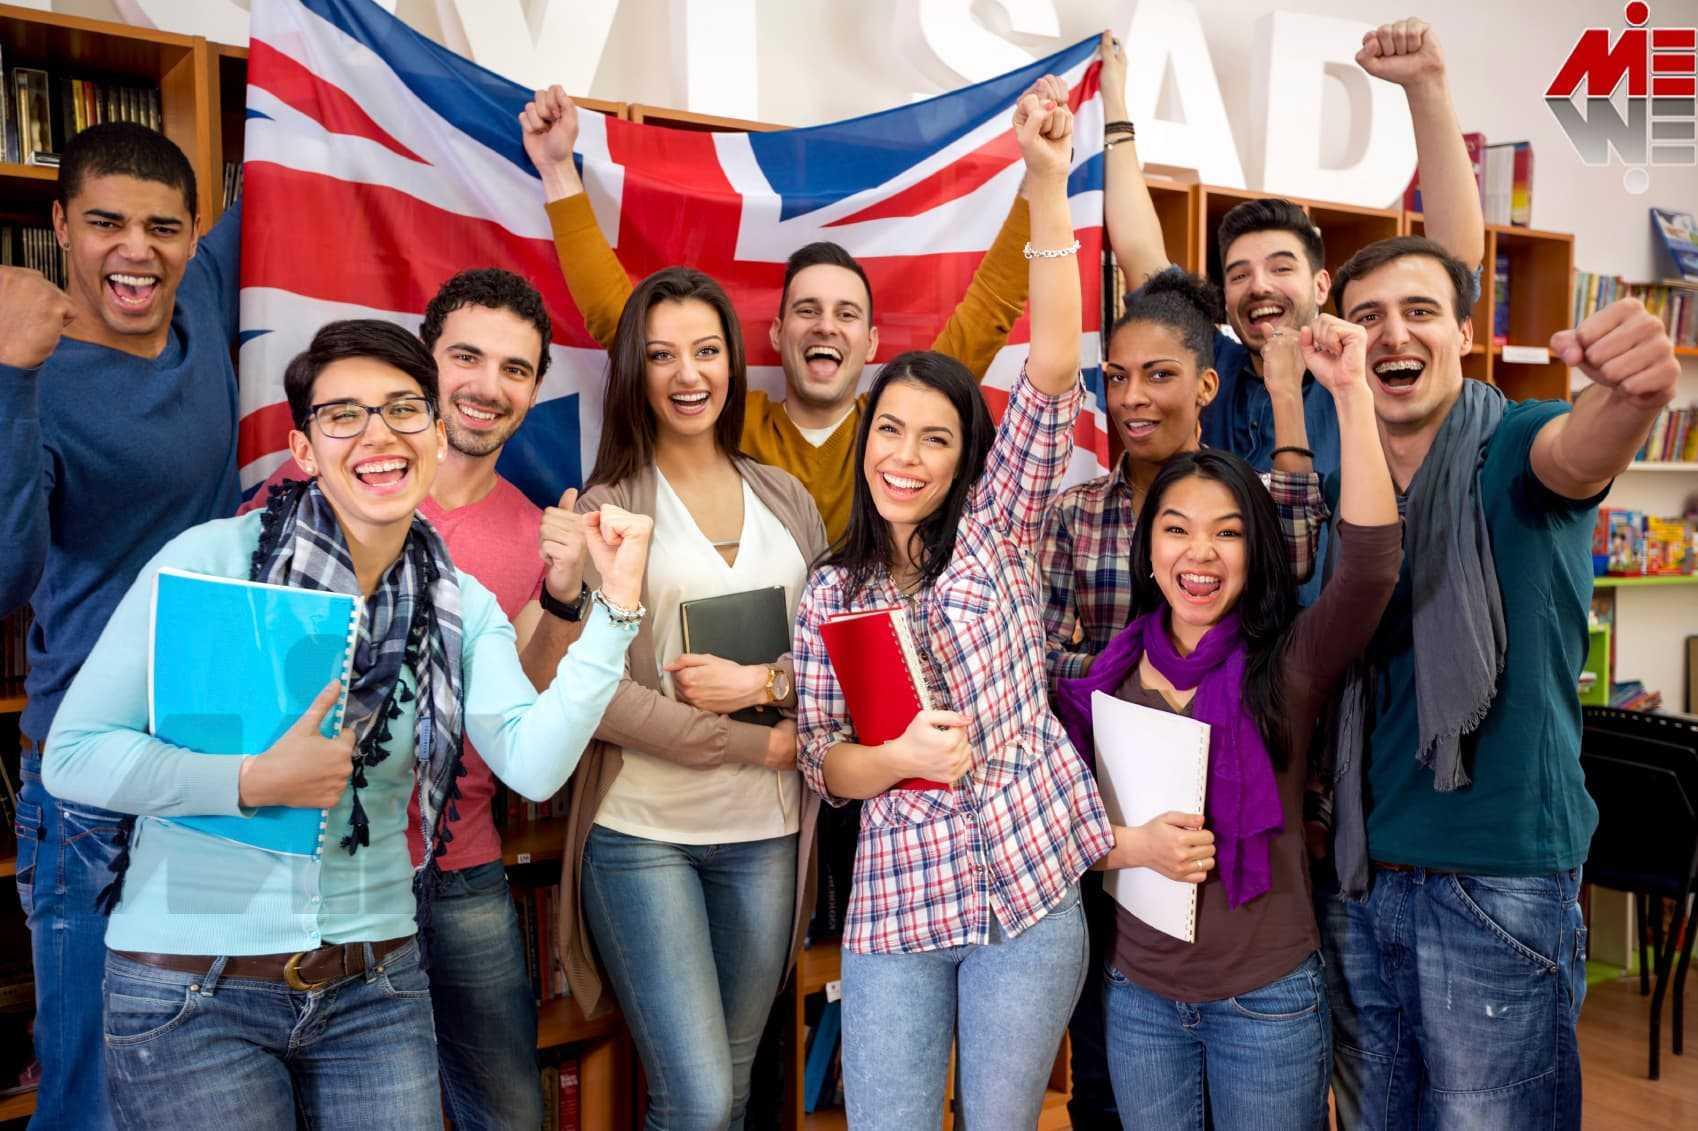 هزینه تحصیل در انگلستان2 هزینه تحصیل در انگلستان